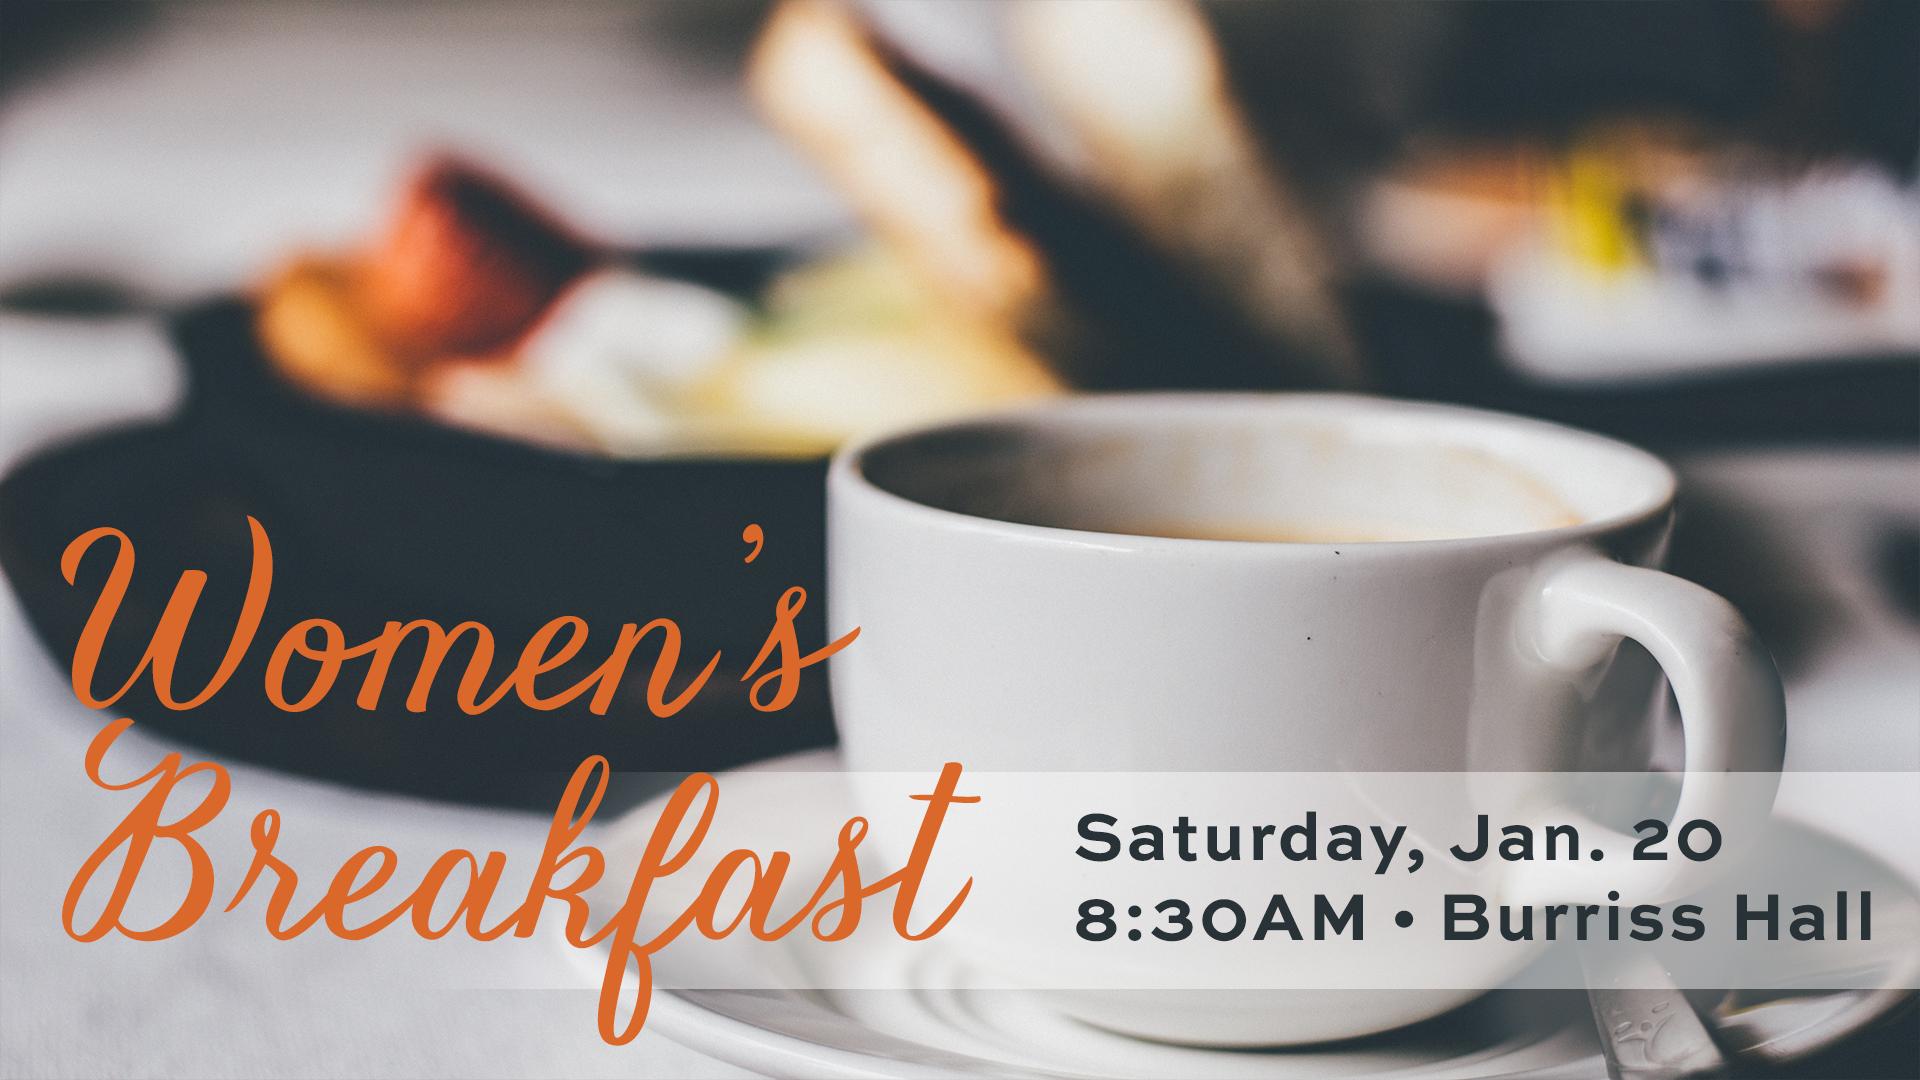 Women'sBreakfast-Jan20.jpg